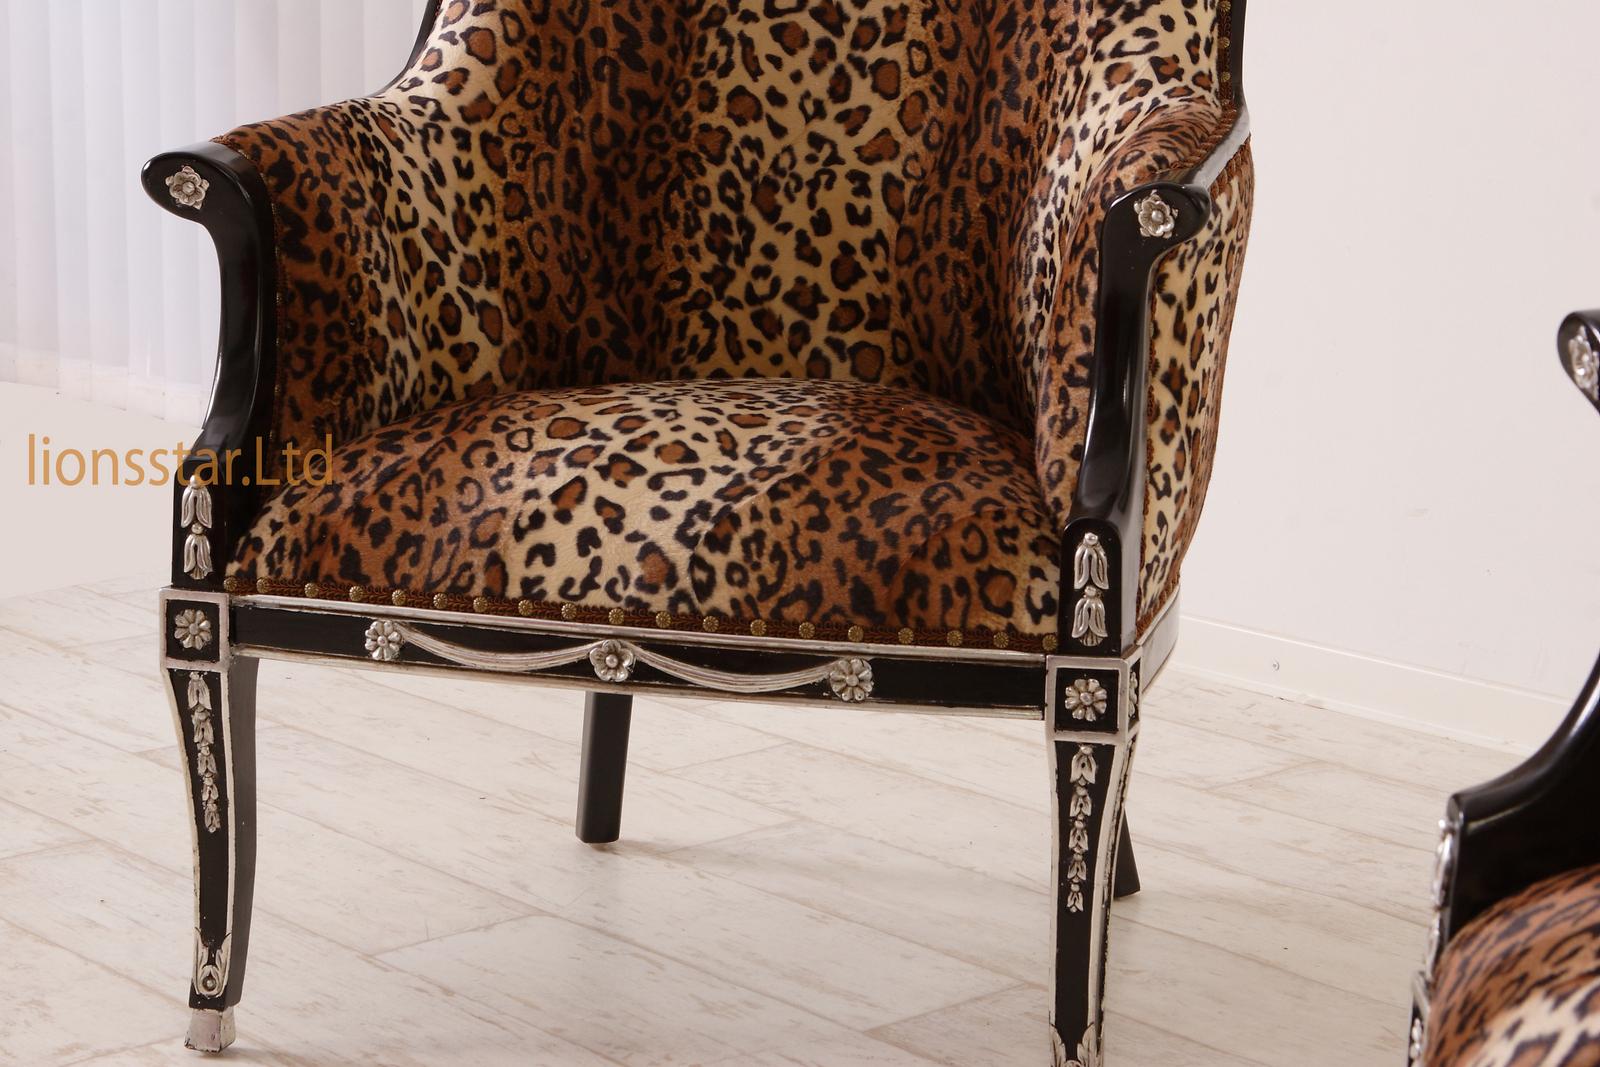 Luxus Sessel Exquisit Louis Mahagoni Leo